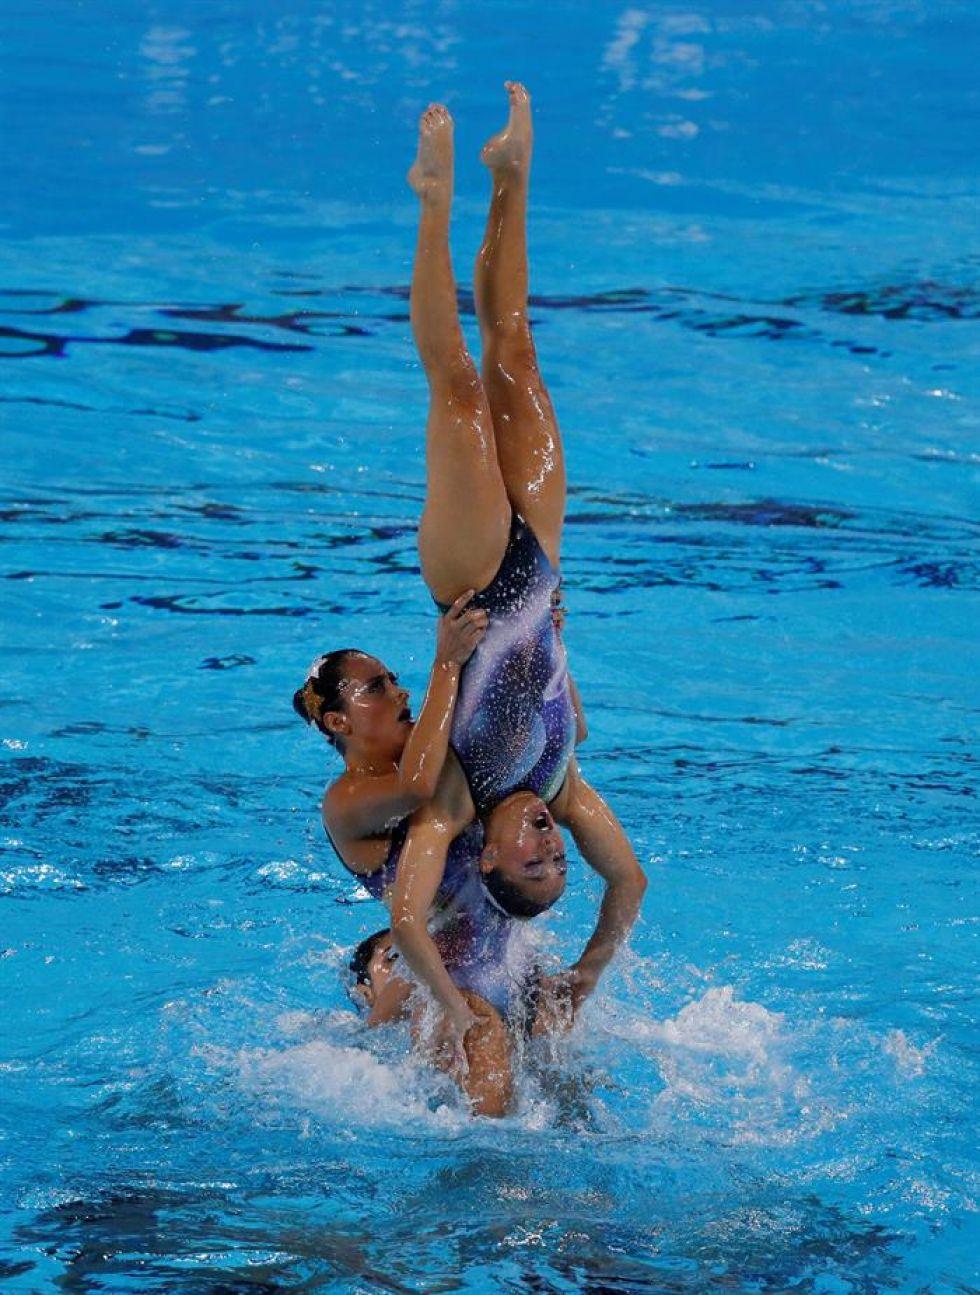 Nadadoras de México compiten en nado sincronizado en los Juegos Panamericanos Lima 2019.